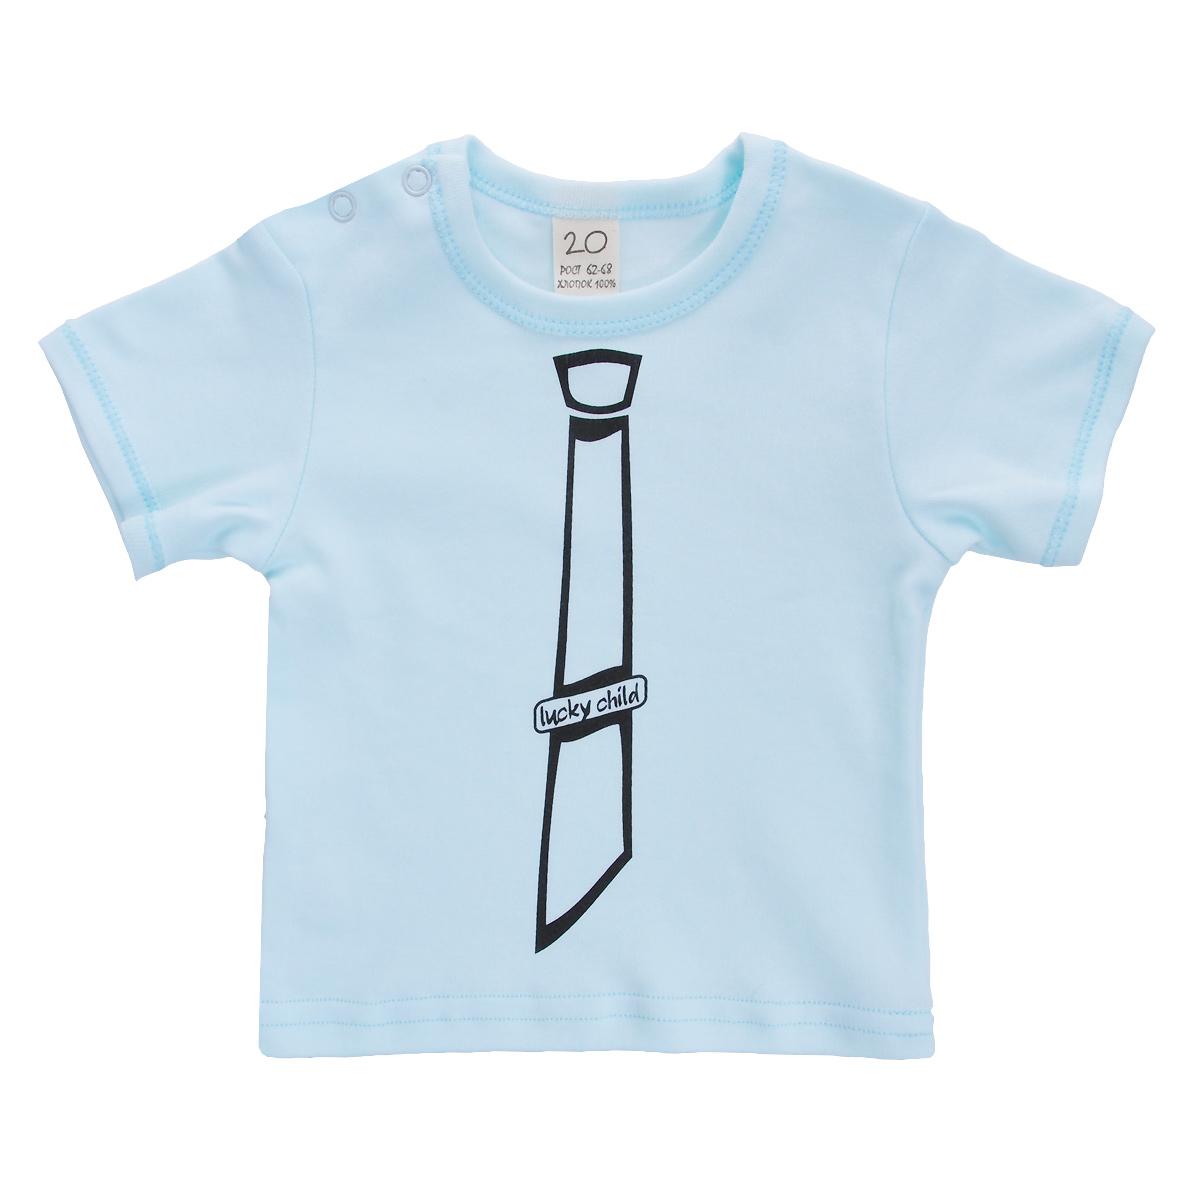 Футболка для мальчика Lucky Child, цвет: голубой. 3-26к. Размер 80/863-26кОчаровательная футболка для мальчика Lucky Child послужит идеальным дополнением к гардеробу вашего малыша, обеспечивая ему наибольший комфорт. Изготовленная из натурального хлопка, она необычайно мягкая и легкая, не раздражает нежную кожу ребенка и хорошо вентилируется, а эластичные швы приятны телу малыша и не препятствуют его движениям. Футболка с короткими рукавами и круглым врезом горловины имеет кнопки по плечу, которые позволяют без труда переодеть ребенка. На груди она оформлена оригинальным печатным рисунком в виде галстука. Футболка полностью соответствует особенностям жизни ребенка в ранний период, не стесняя и не ограничивая его в движениях.